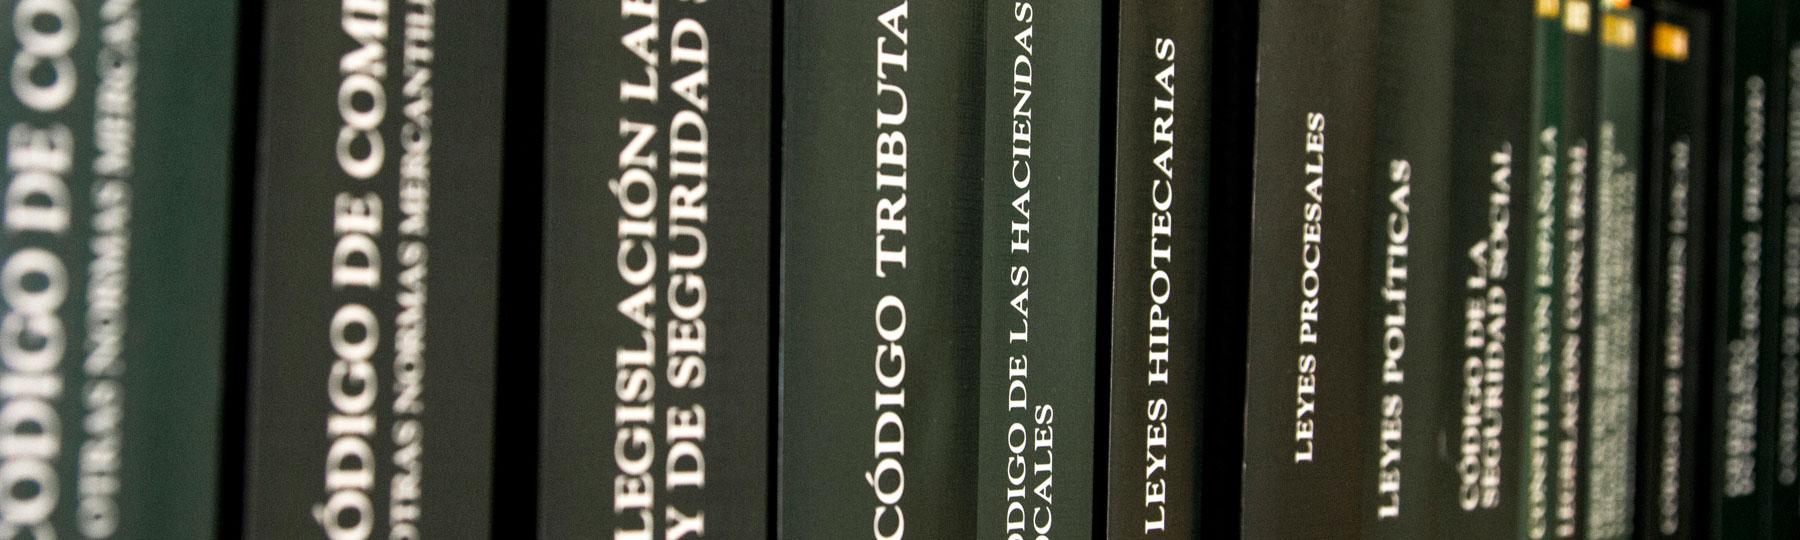 slider-index-biblioteca